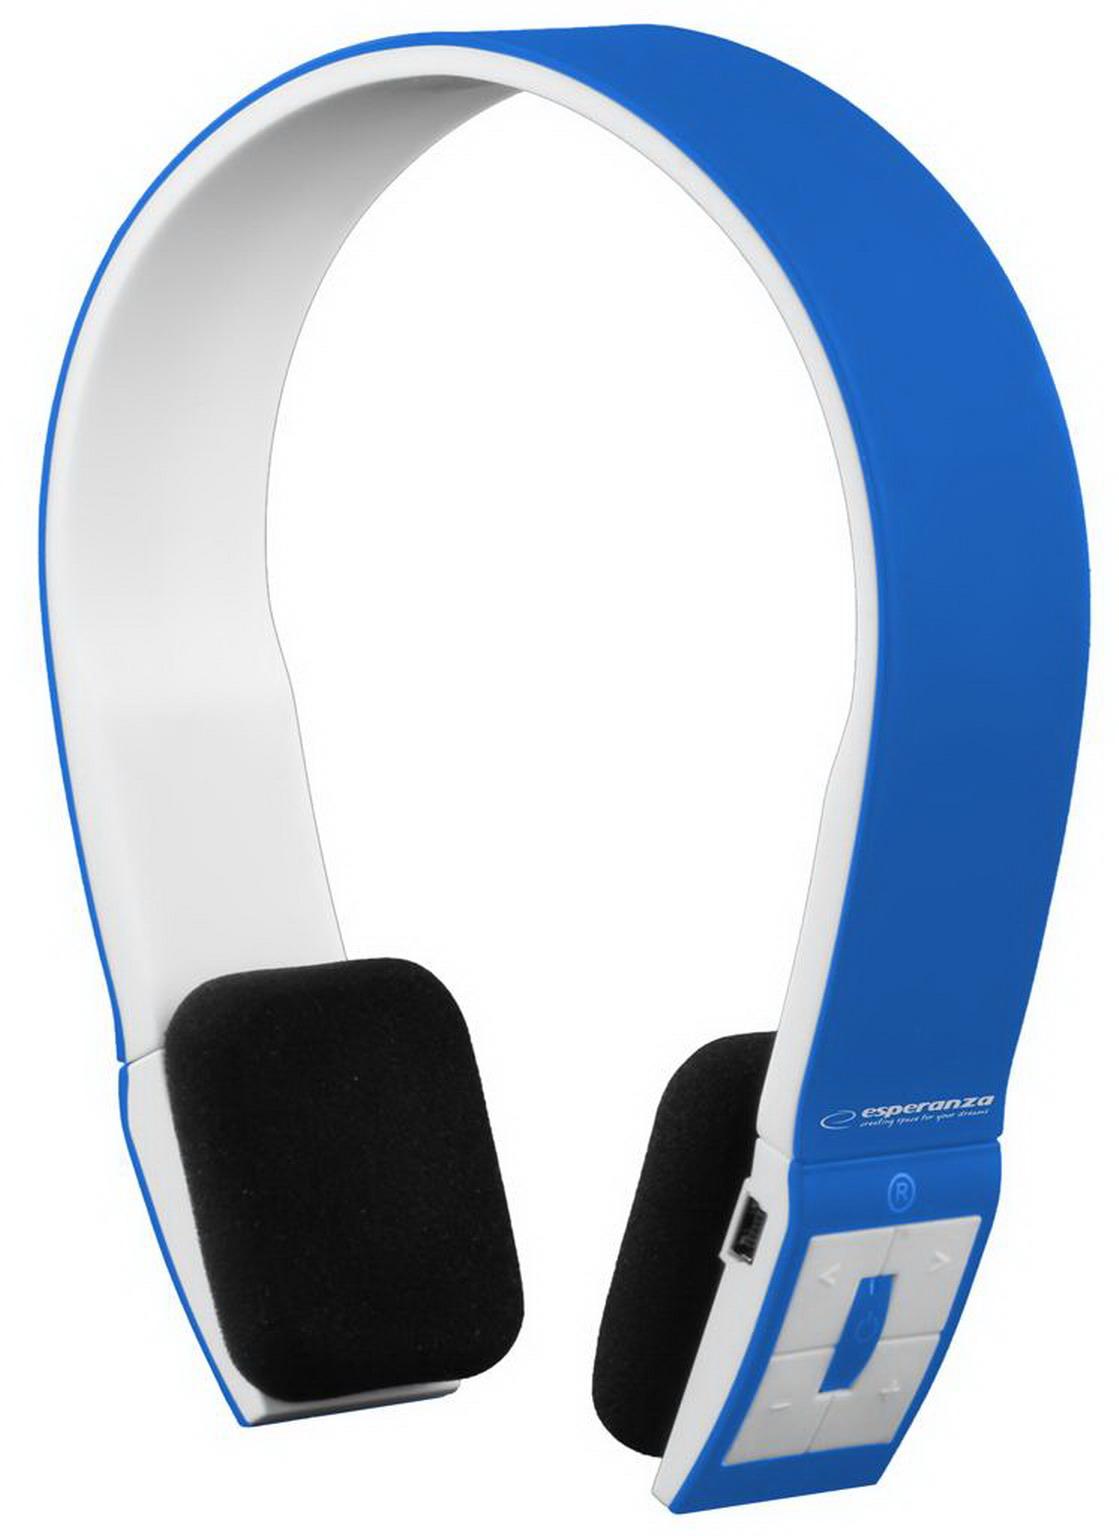 ESPERANZA City Beat Bluetooth mikrofonos sztereó fejhallgató (kék/fehér)